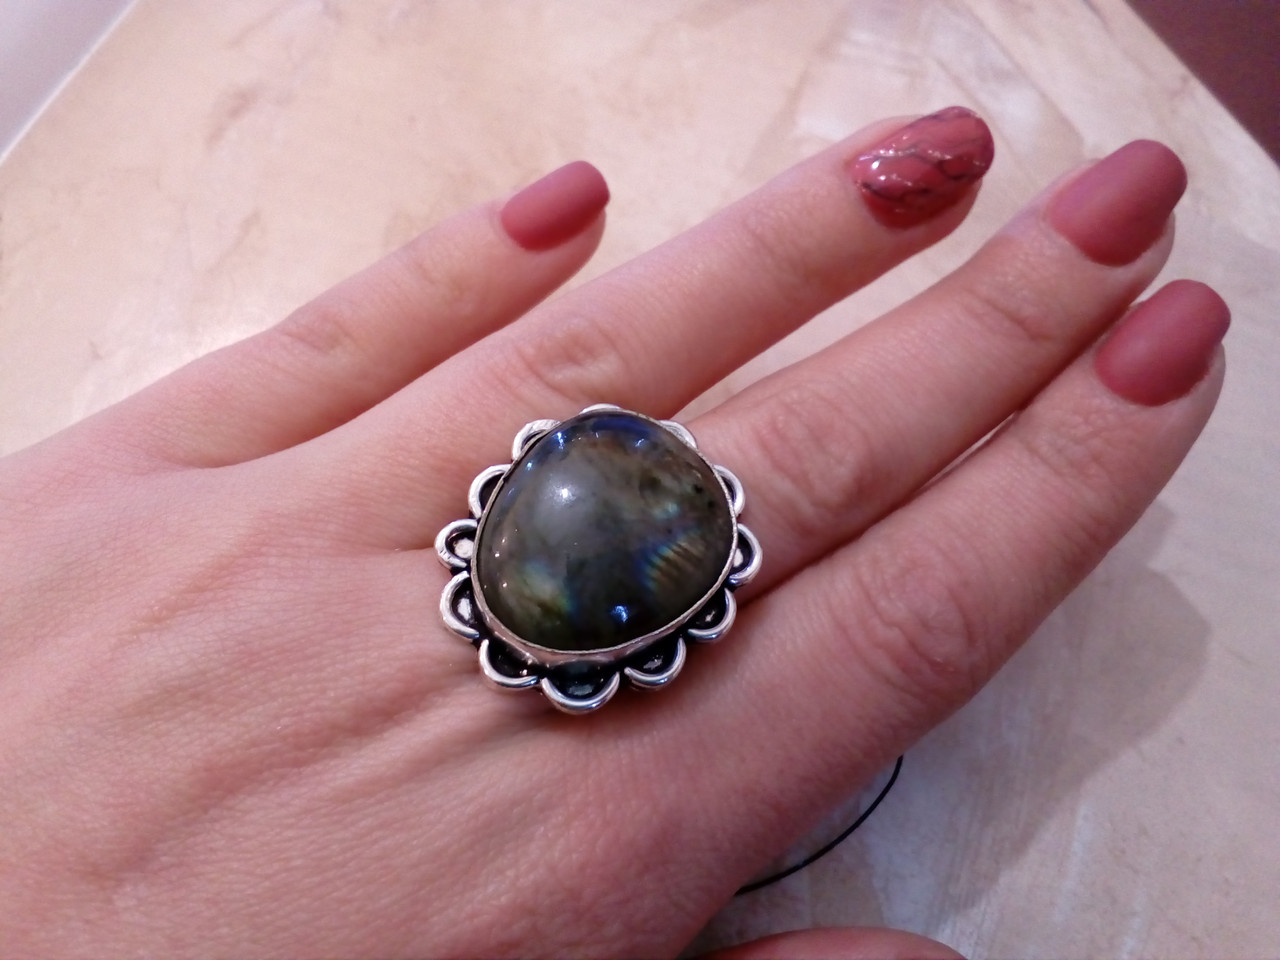 Кольцо с натуральным камнем лабрадор в серебре. Кольцо с лабрадором 20 размер Индия